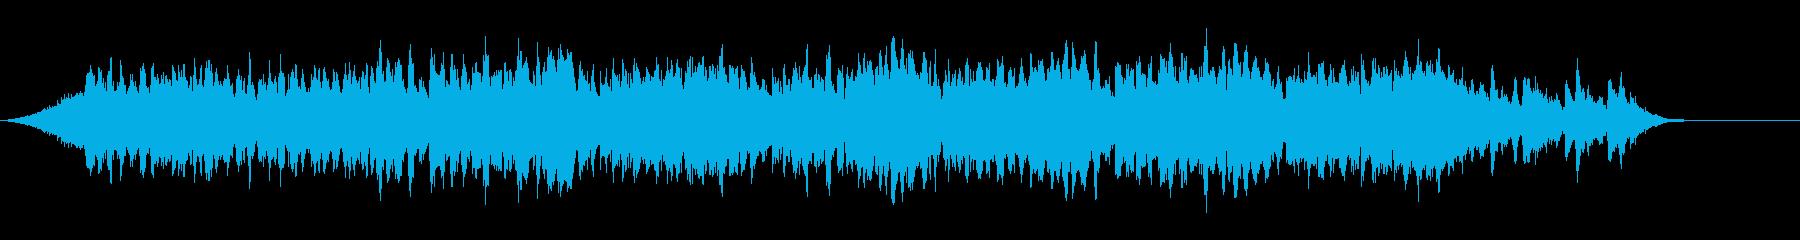 企業VPや映像75、オーケストラ、壮大cの再生済みの波形